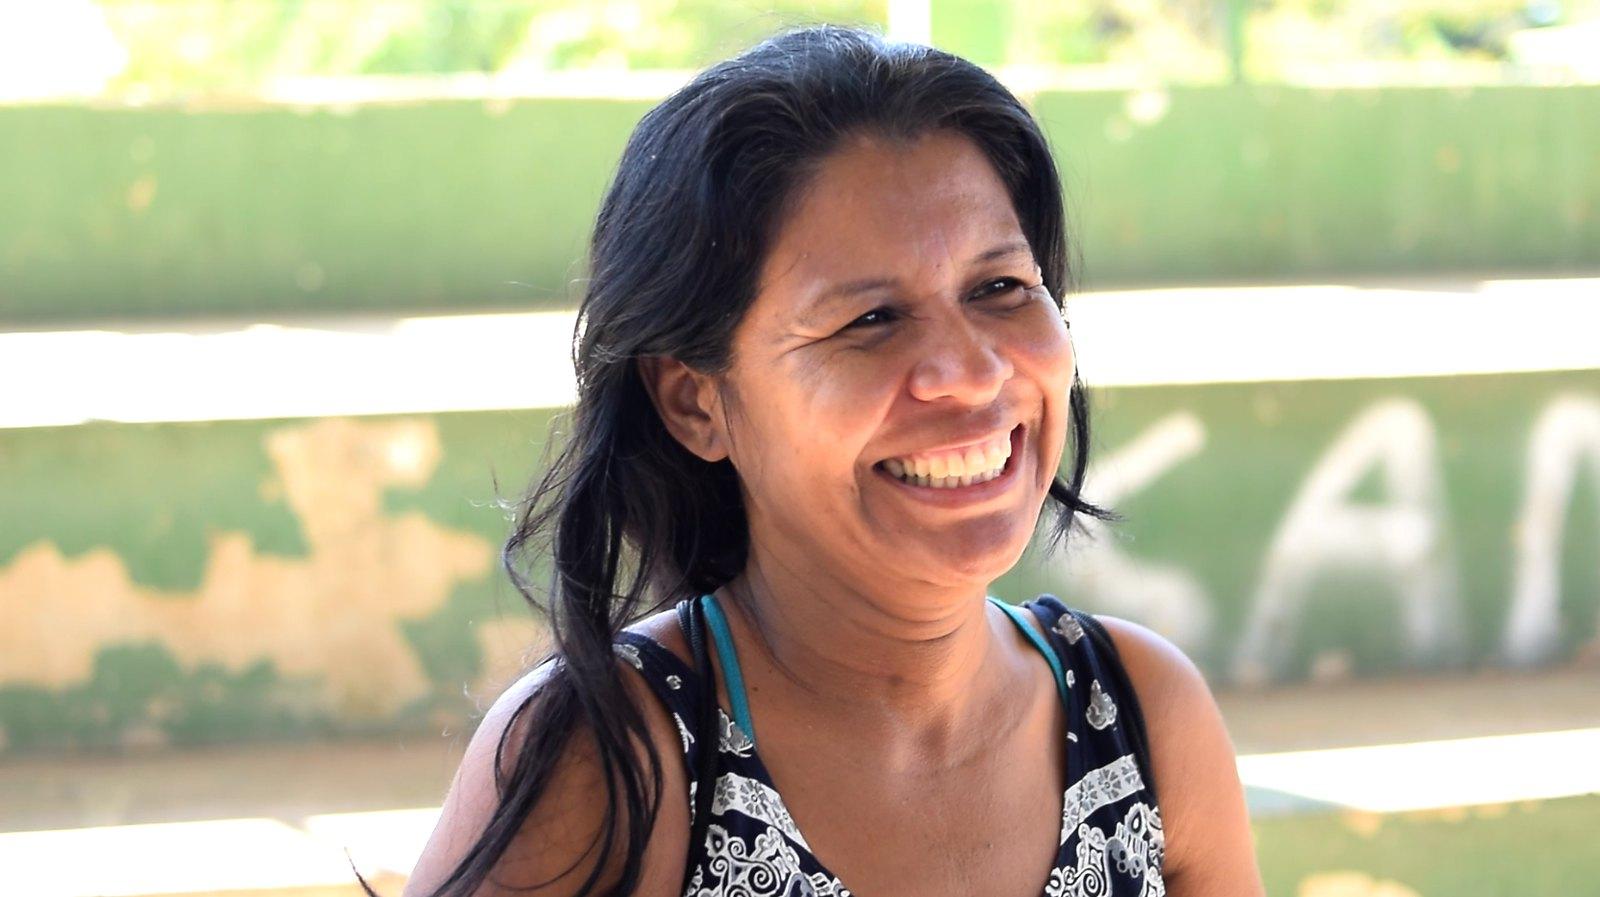 Marcia Neves satisfeita com os atendimentos odontológicos em Cumuruxatiba